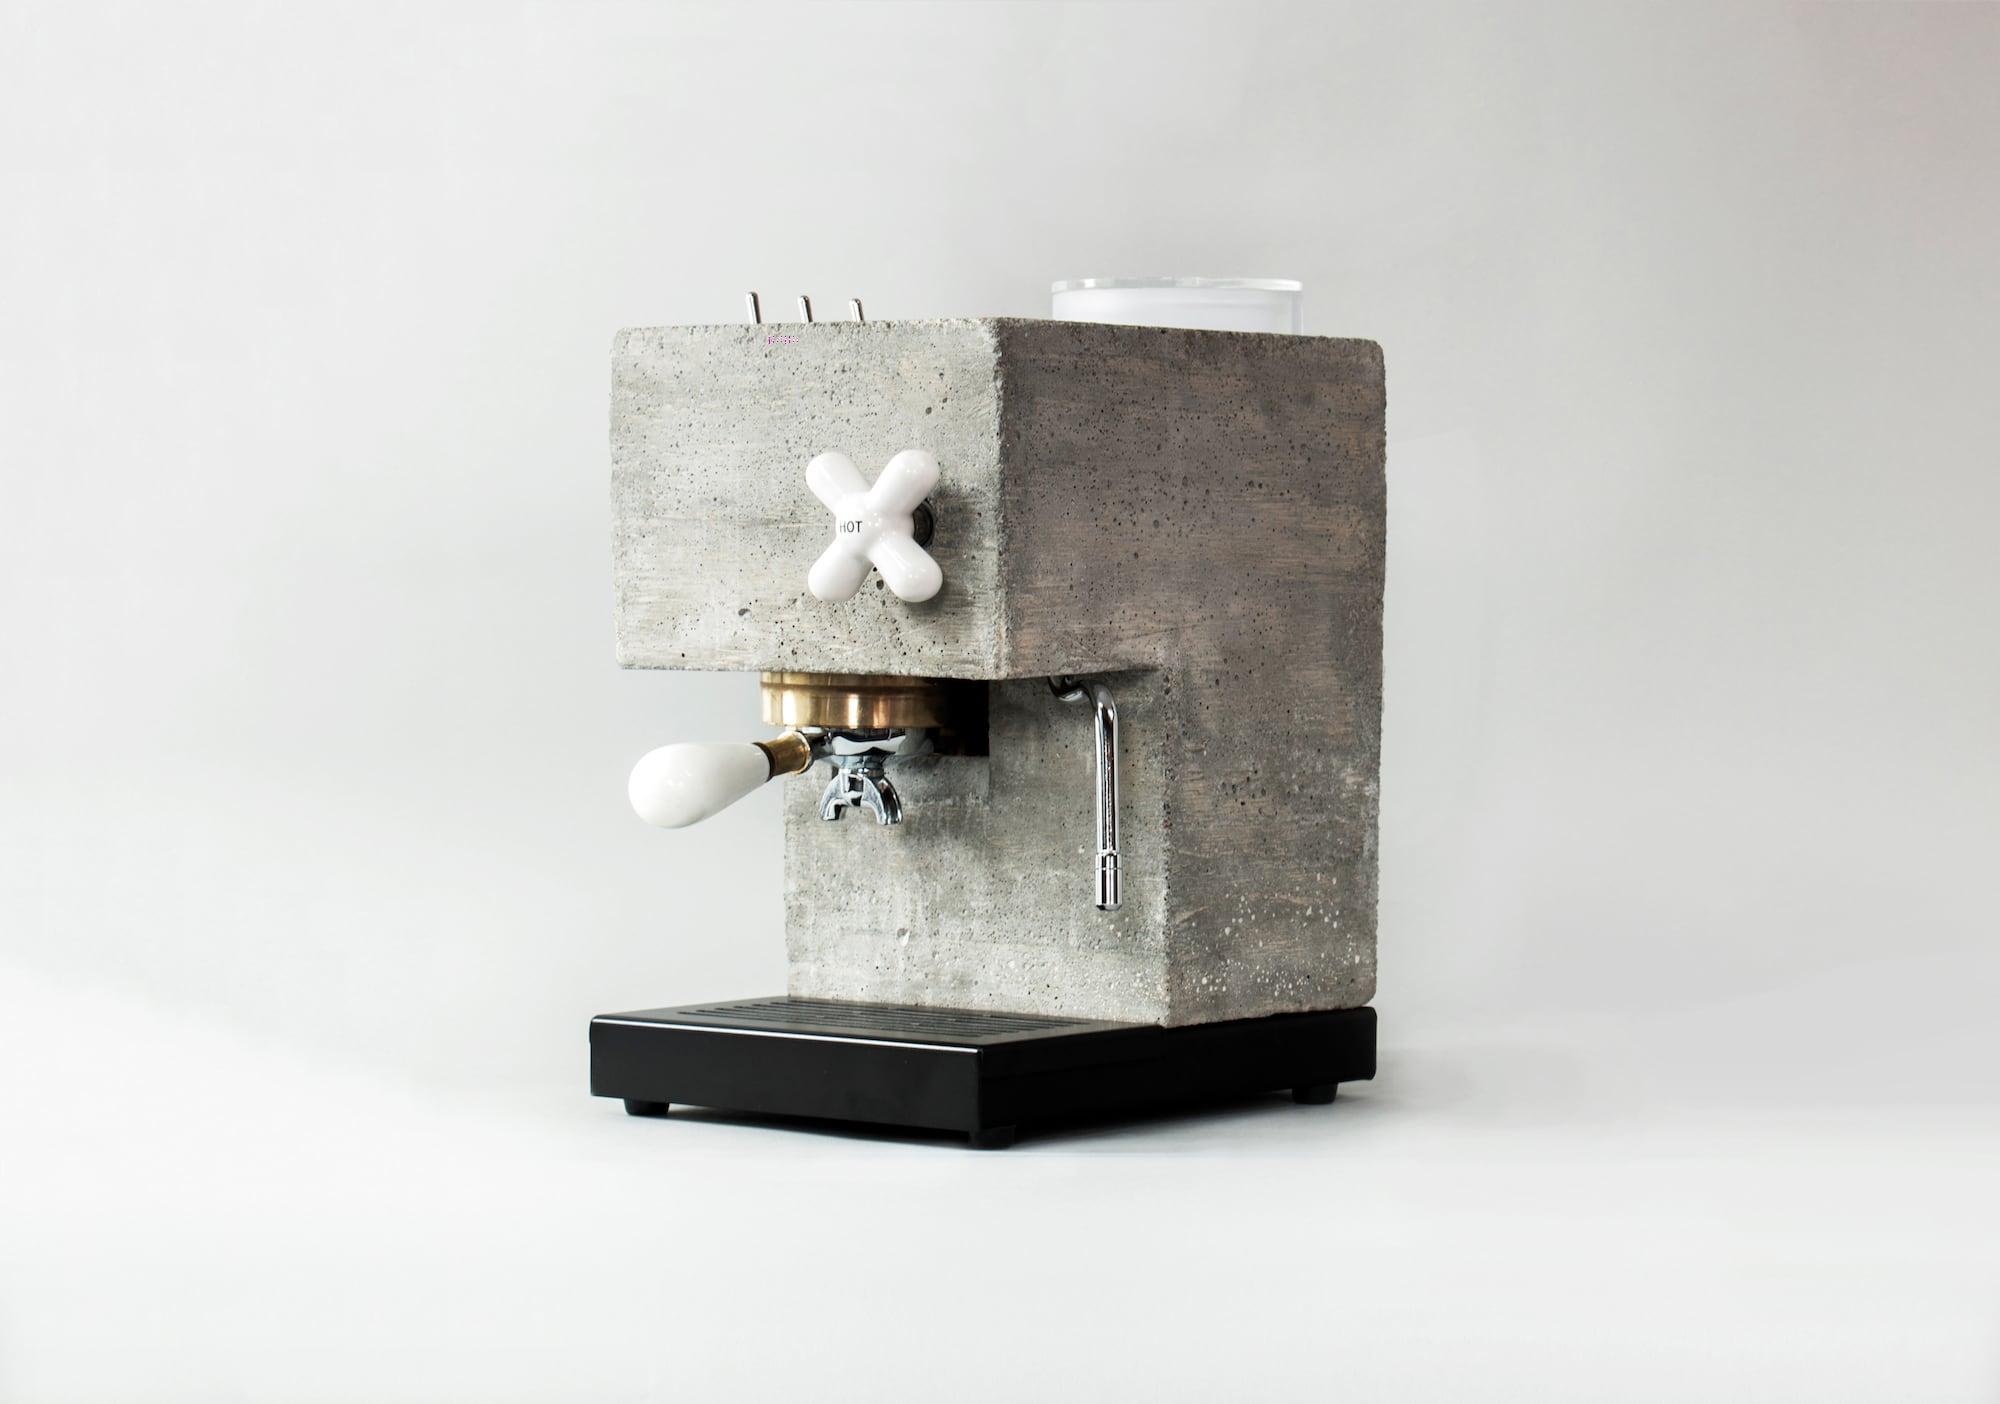 So lecker ist Sichtbeton: Die Anza Concrete Espresso Machine 1